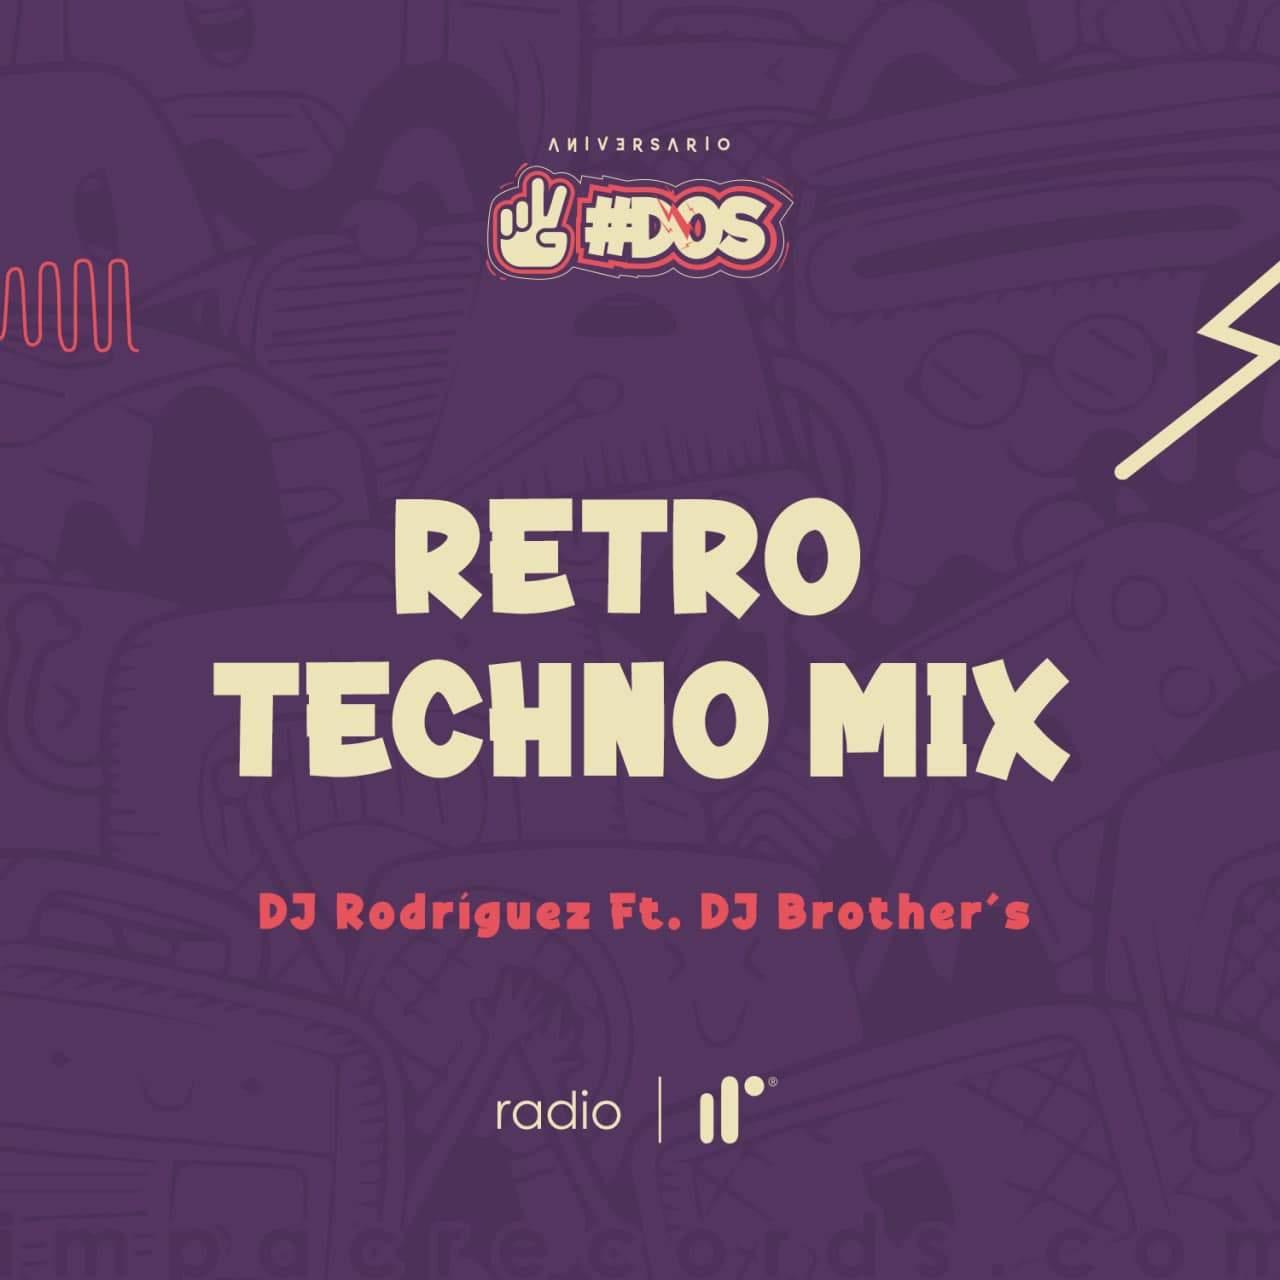 Retro Techno Mix